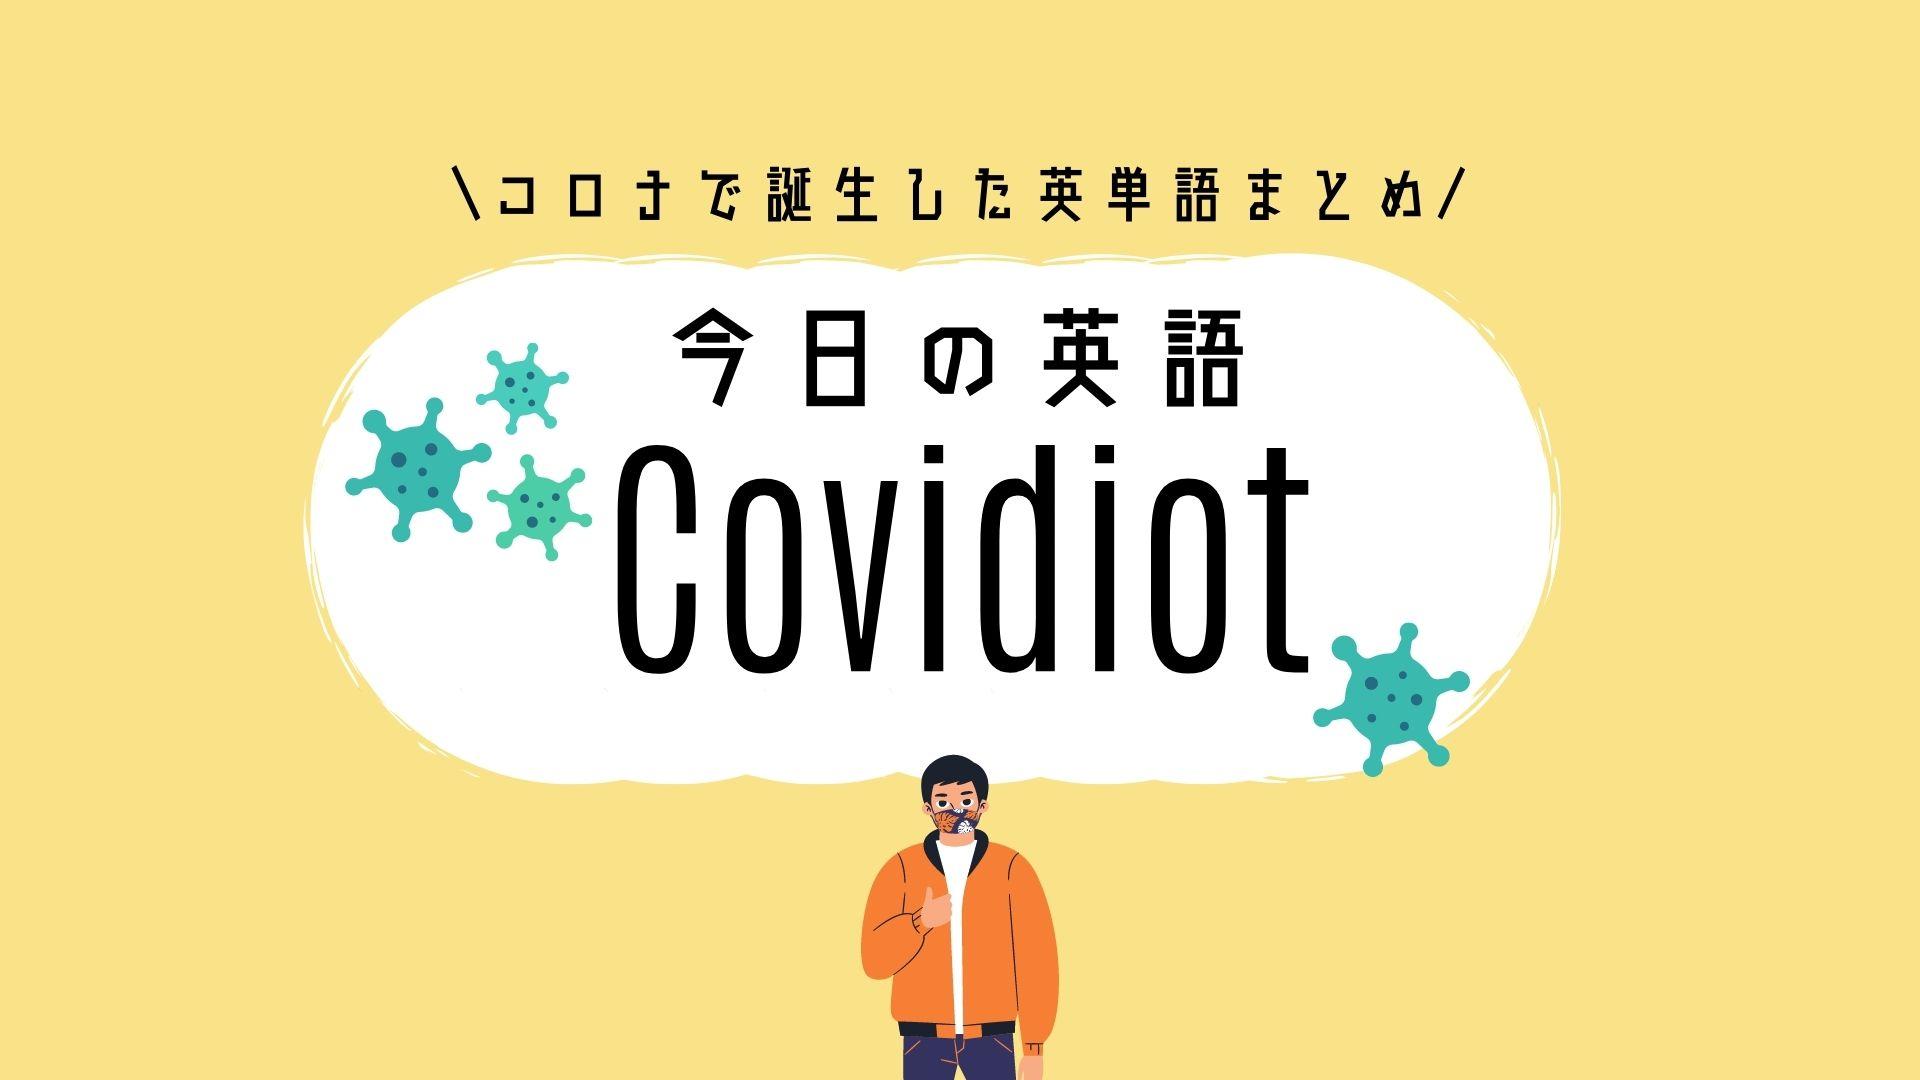 Covidiotの意味は?コロナがきっかけで誕生した英単語・スラングまとめ